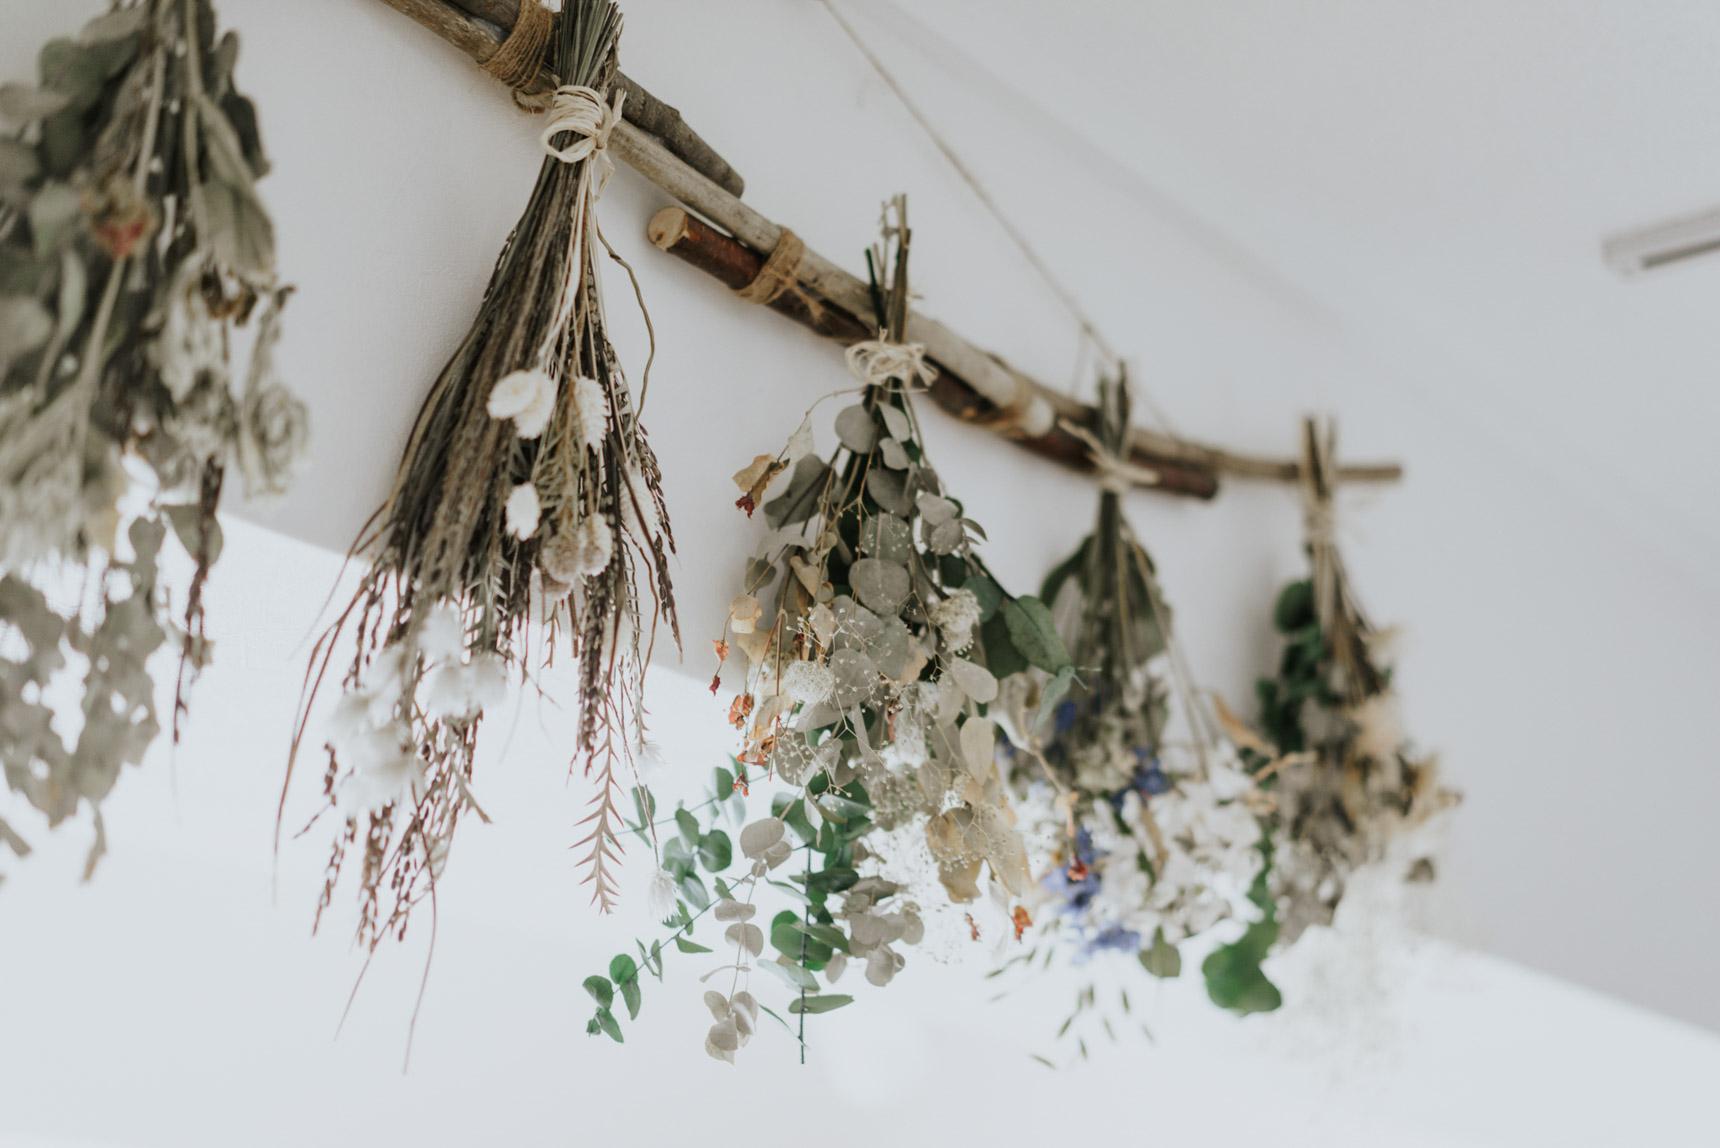 ドライフラワーは、生のお花を吊るしておくだけで、どなたでも試すことができます。風通しが良く、直射日光などの強い光が当たらないところに干していただくのが良いでしょう。(この画像の詳細はこちら)